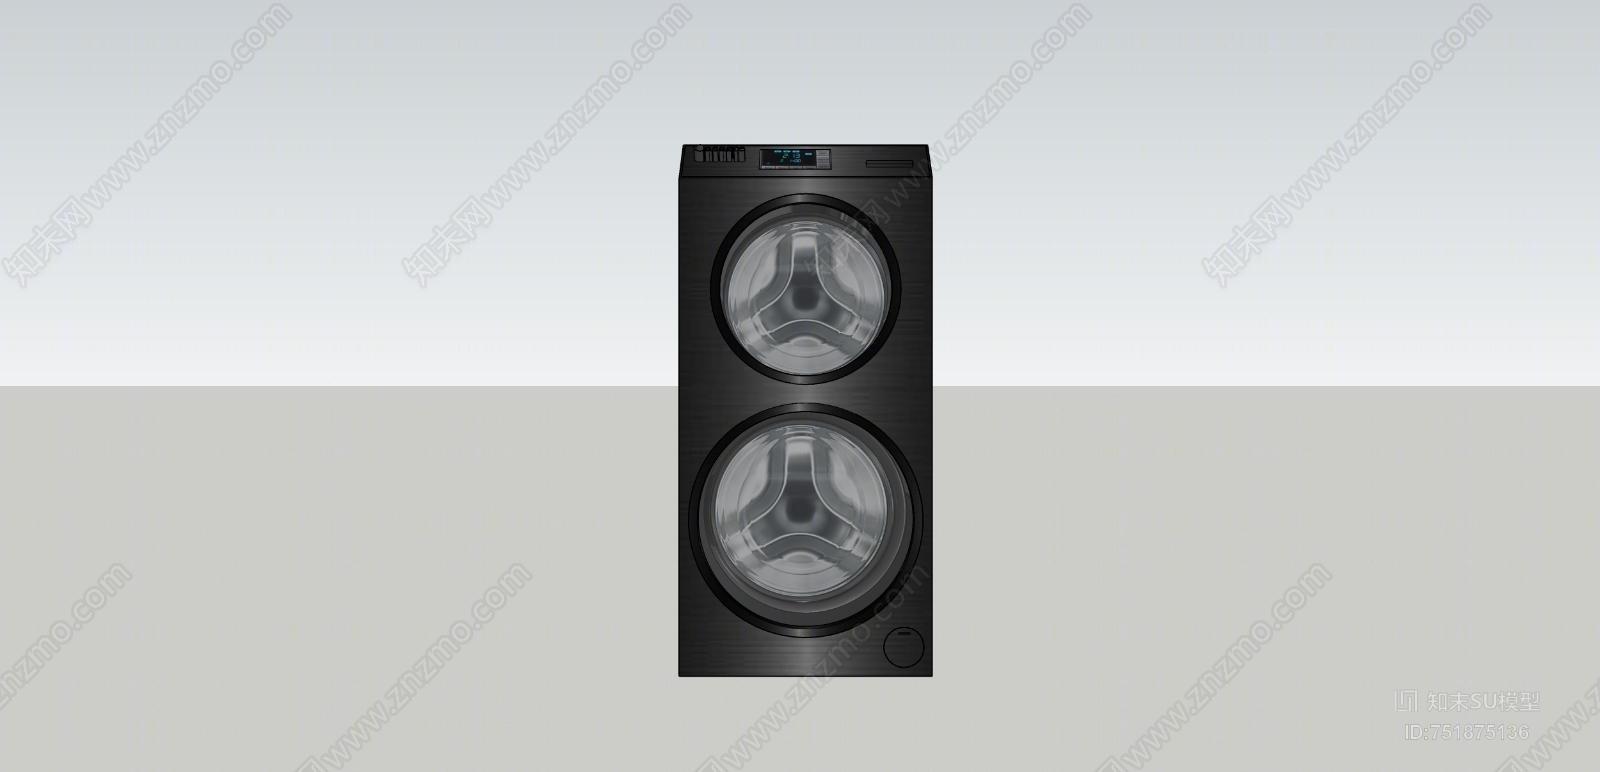 现代风格双滚筒洗衣机SU模型下载【ID:751875136】